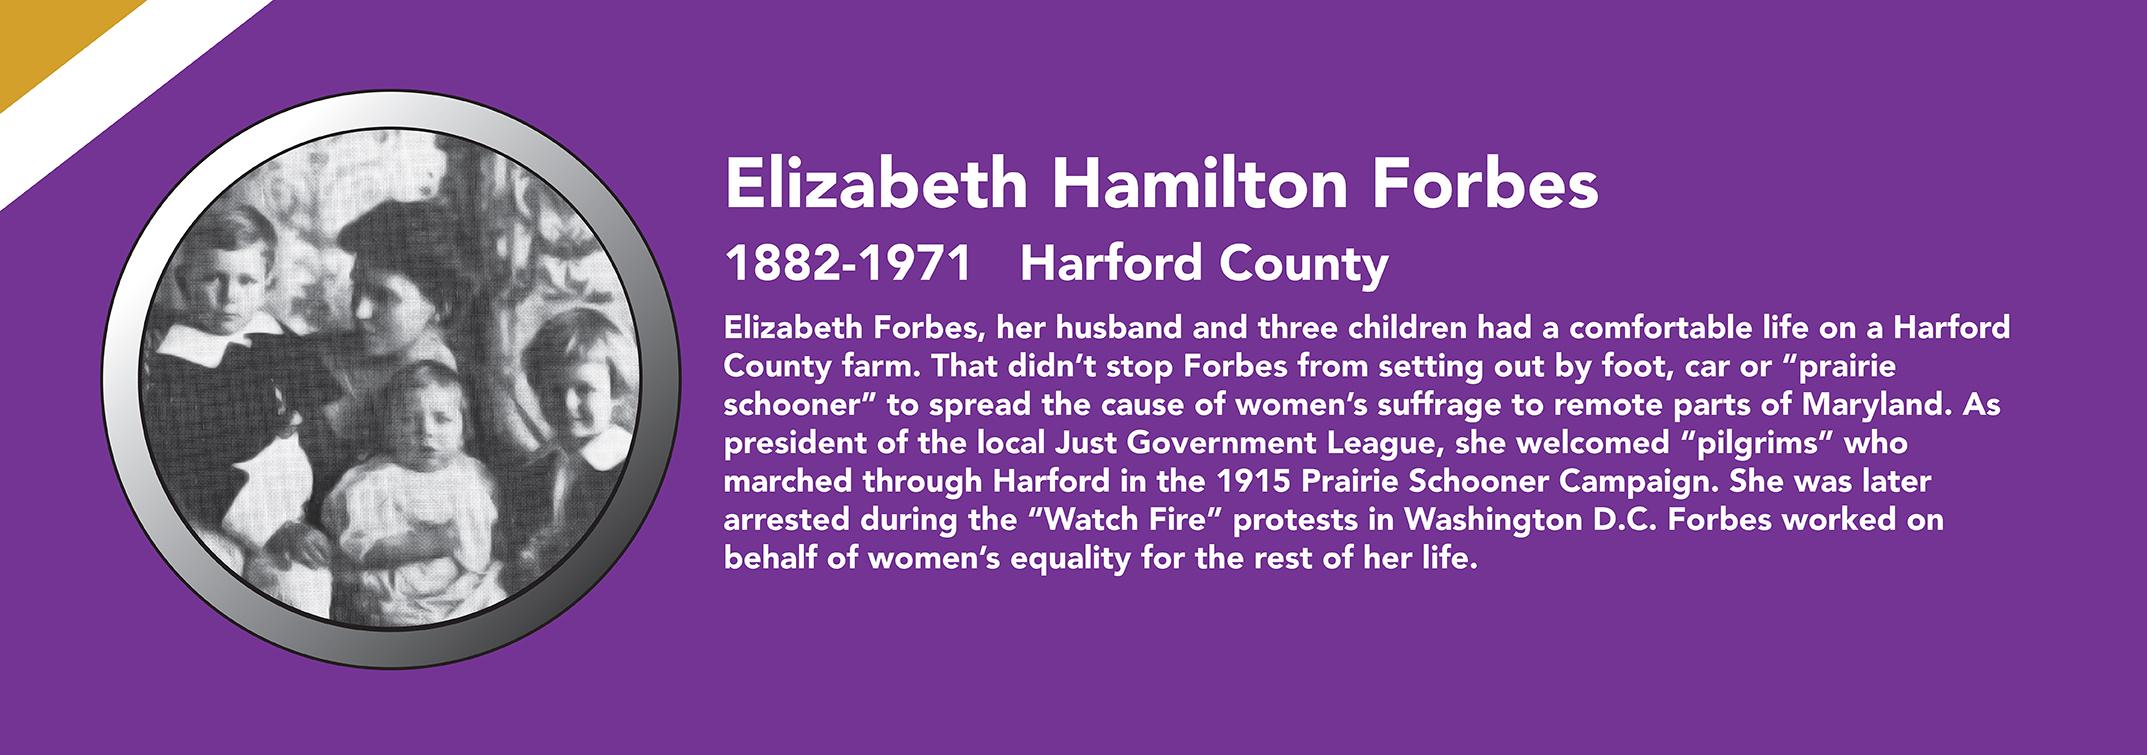 Elizabeth Hamilton Forbes